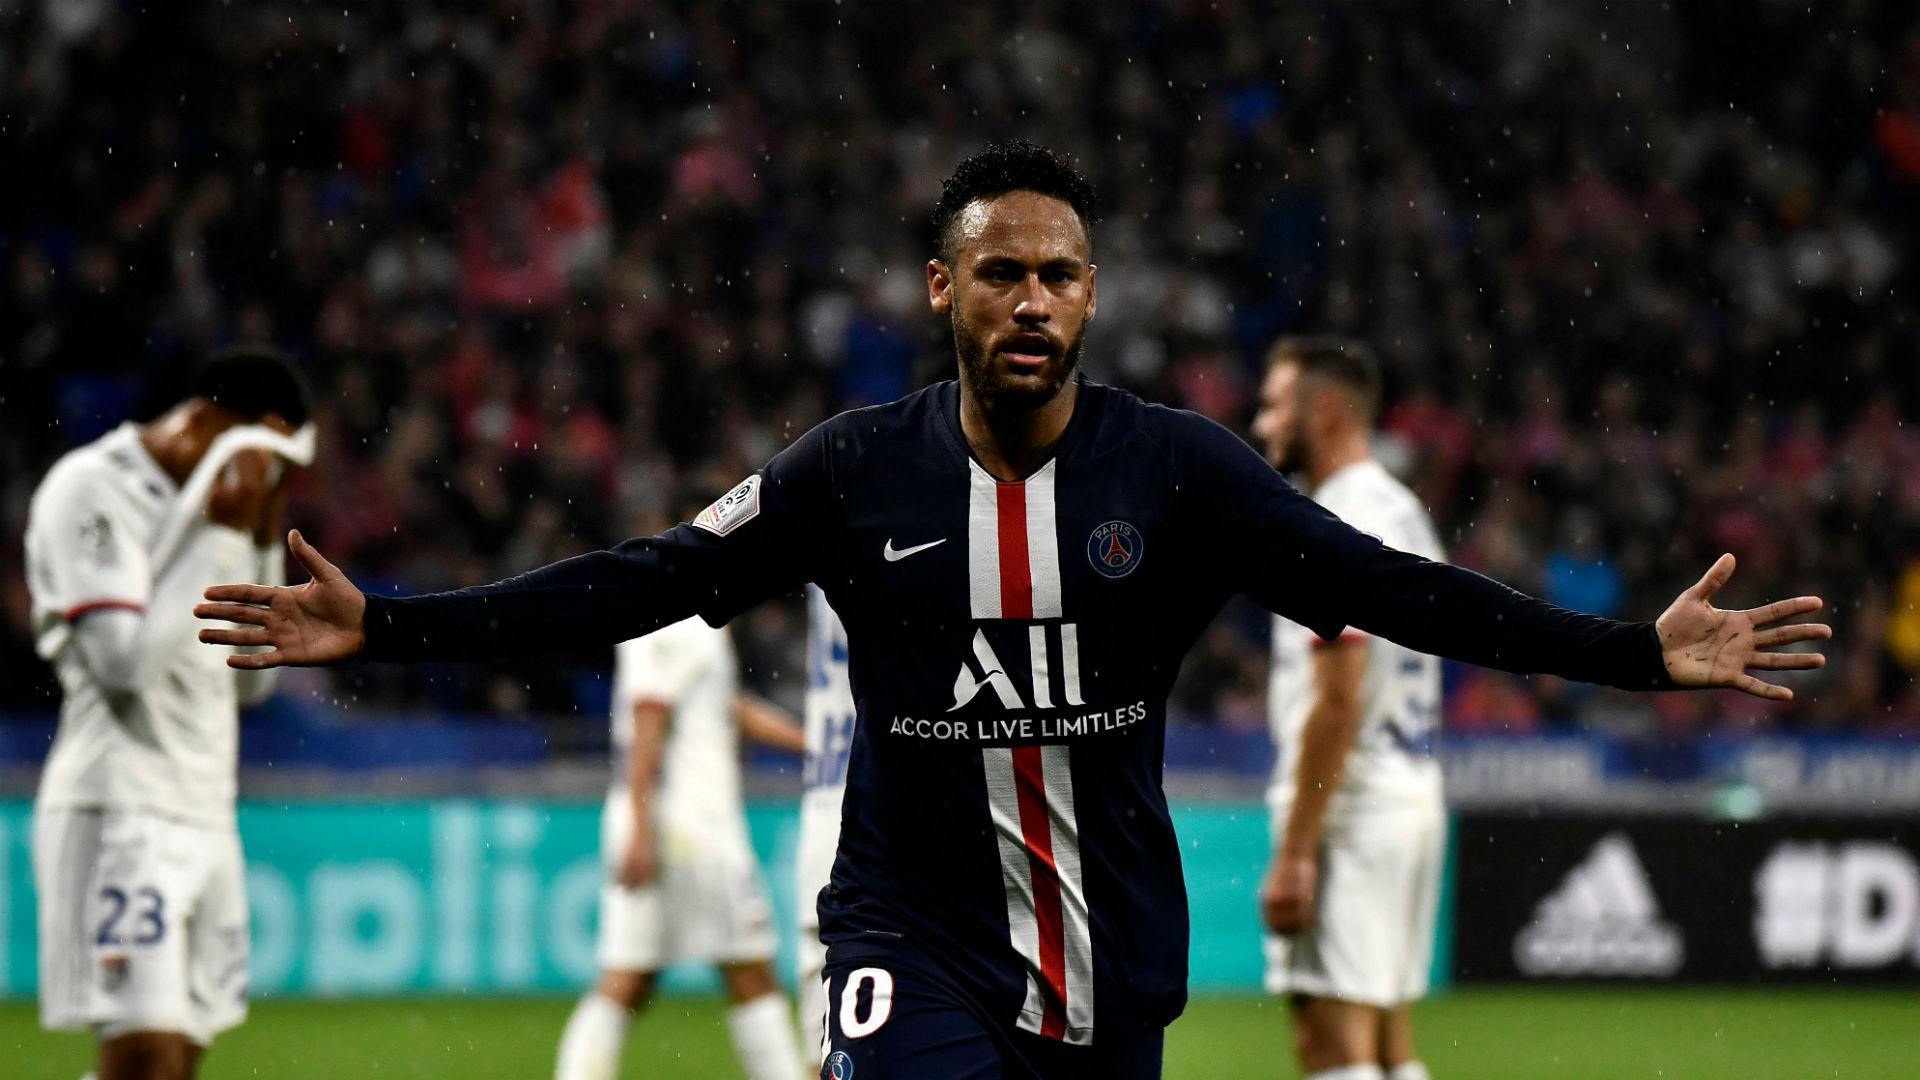 نتيجة بحث الصور عن paris saint germain team 2019